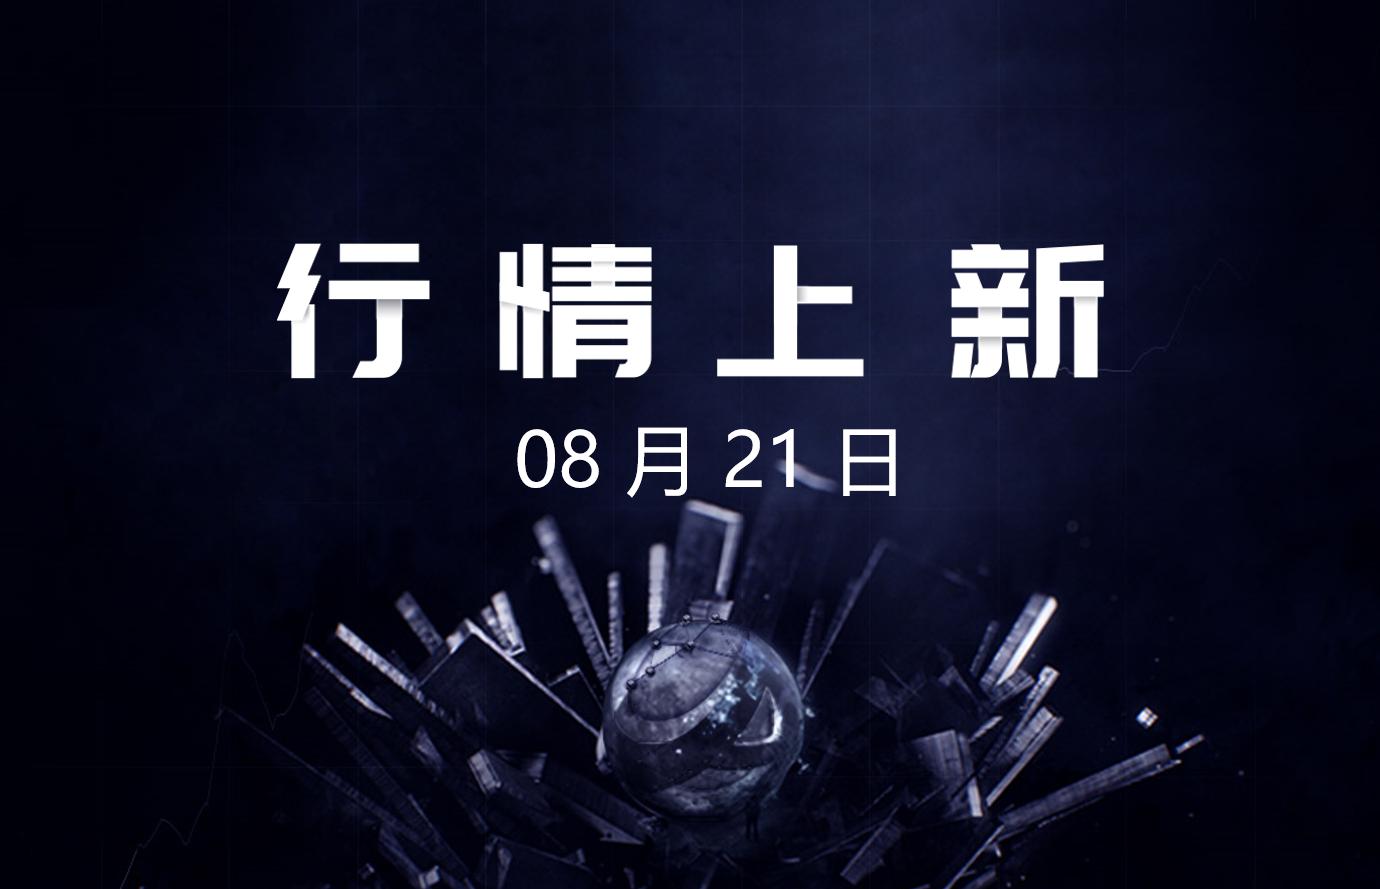 8月21日- AICoin 行情上新(新增7交易对,涉及3平台)_aicoin_图1